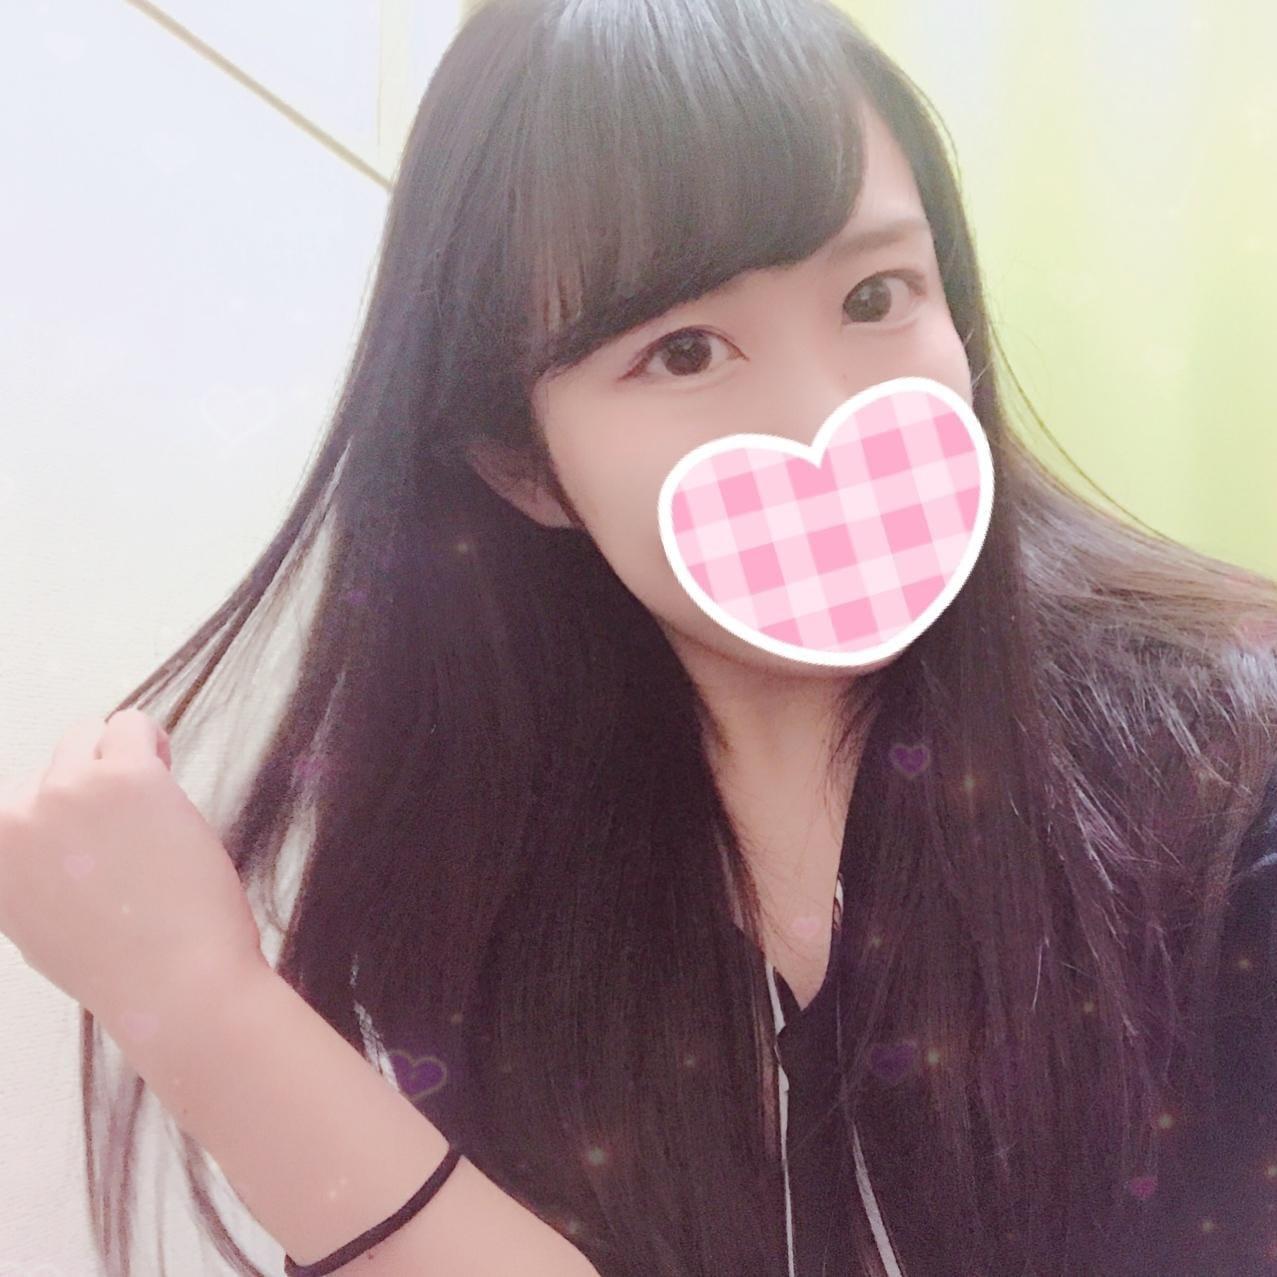 「ありがとう」01/21(01/21) 03:06 | ☆なな(21)☆の写メ・風俗動画